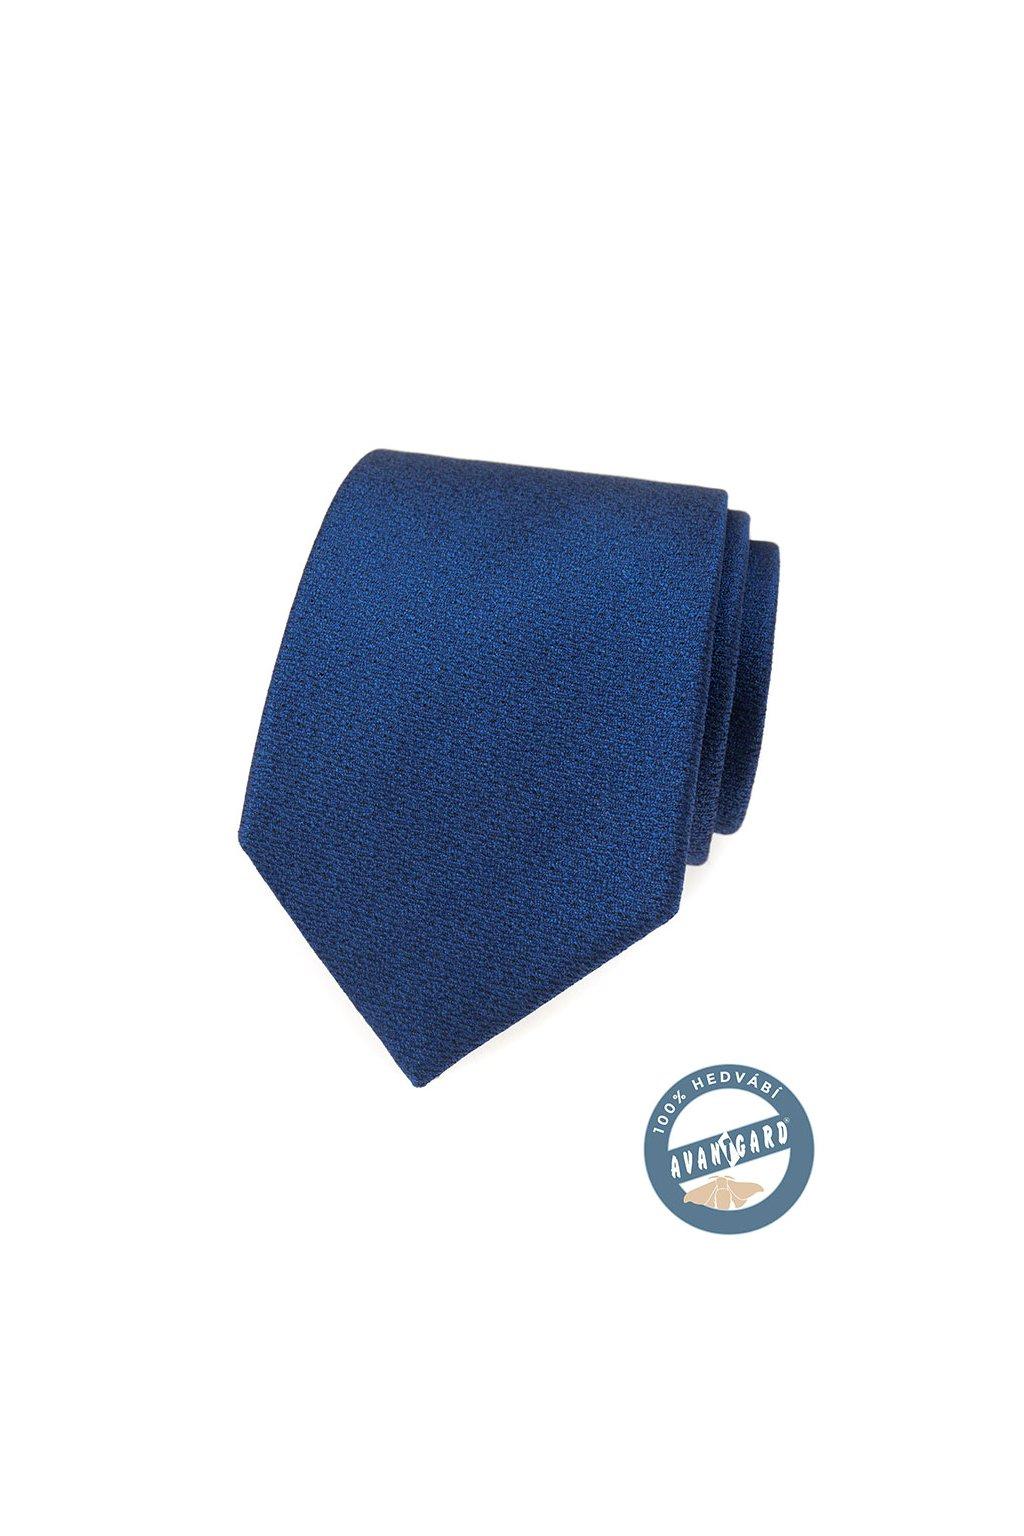 Kravata hedvábná v dárkové krabičce modrá 621 - 7742